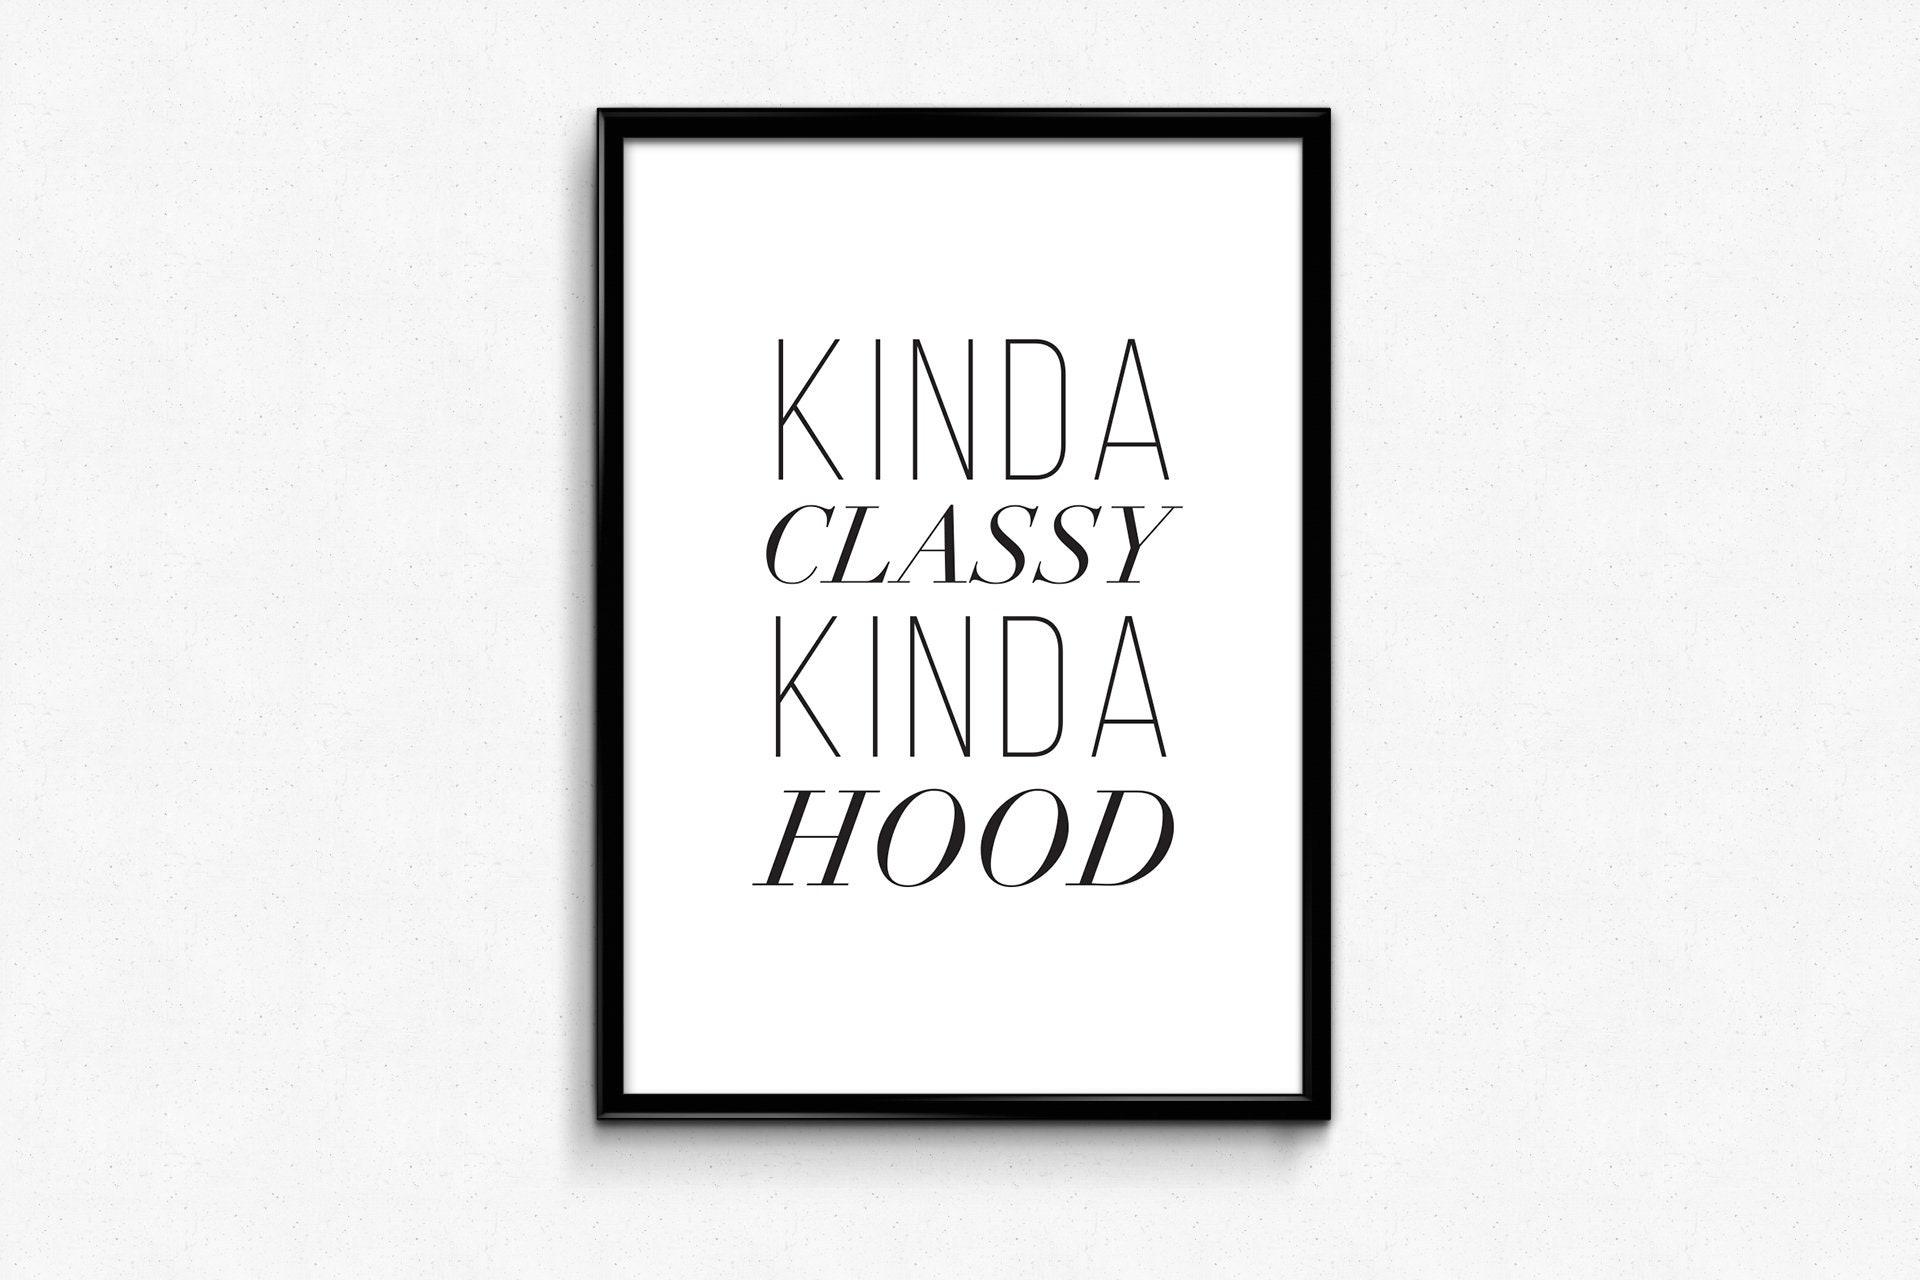 printable quotes for girls kinda classy kinda hood prints | etsy